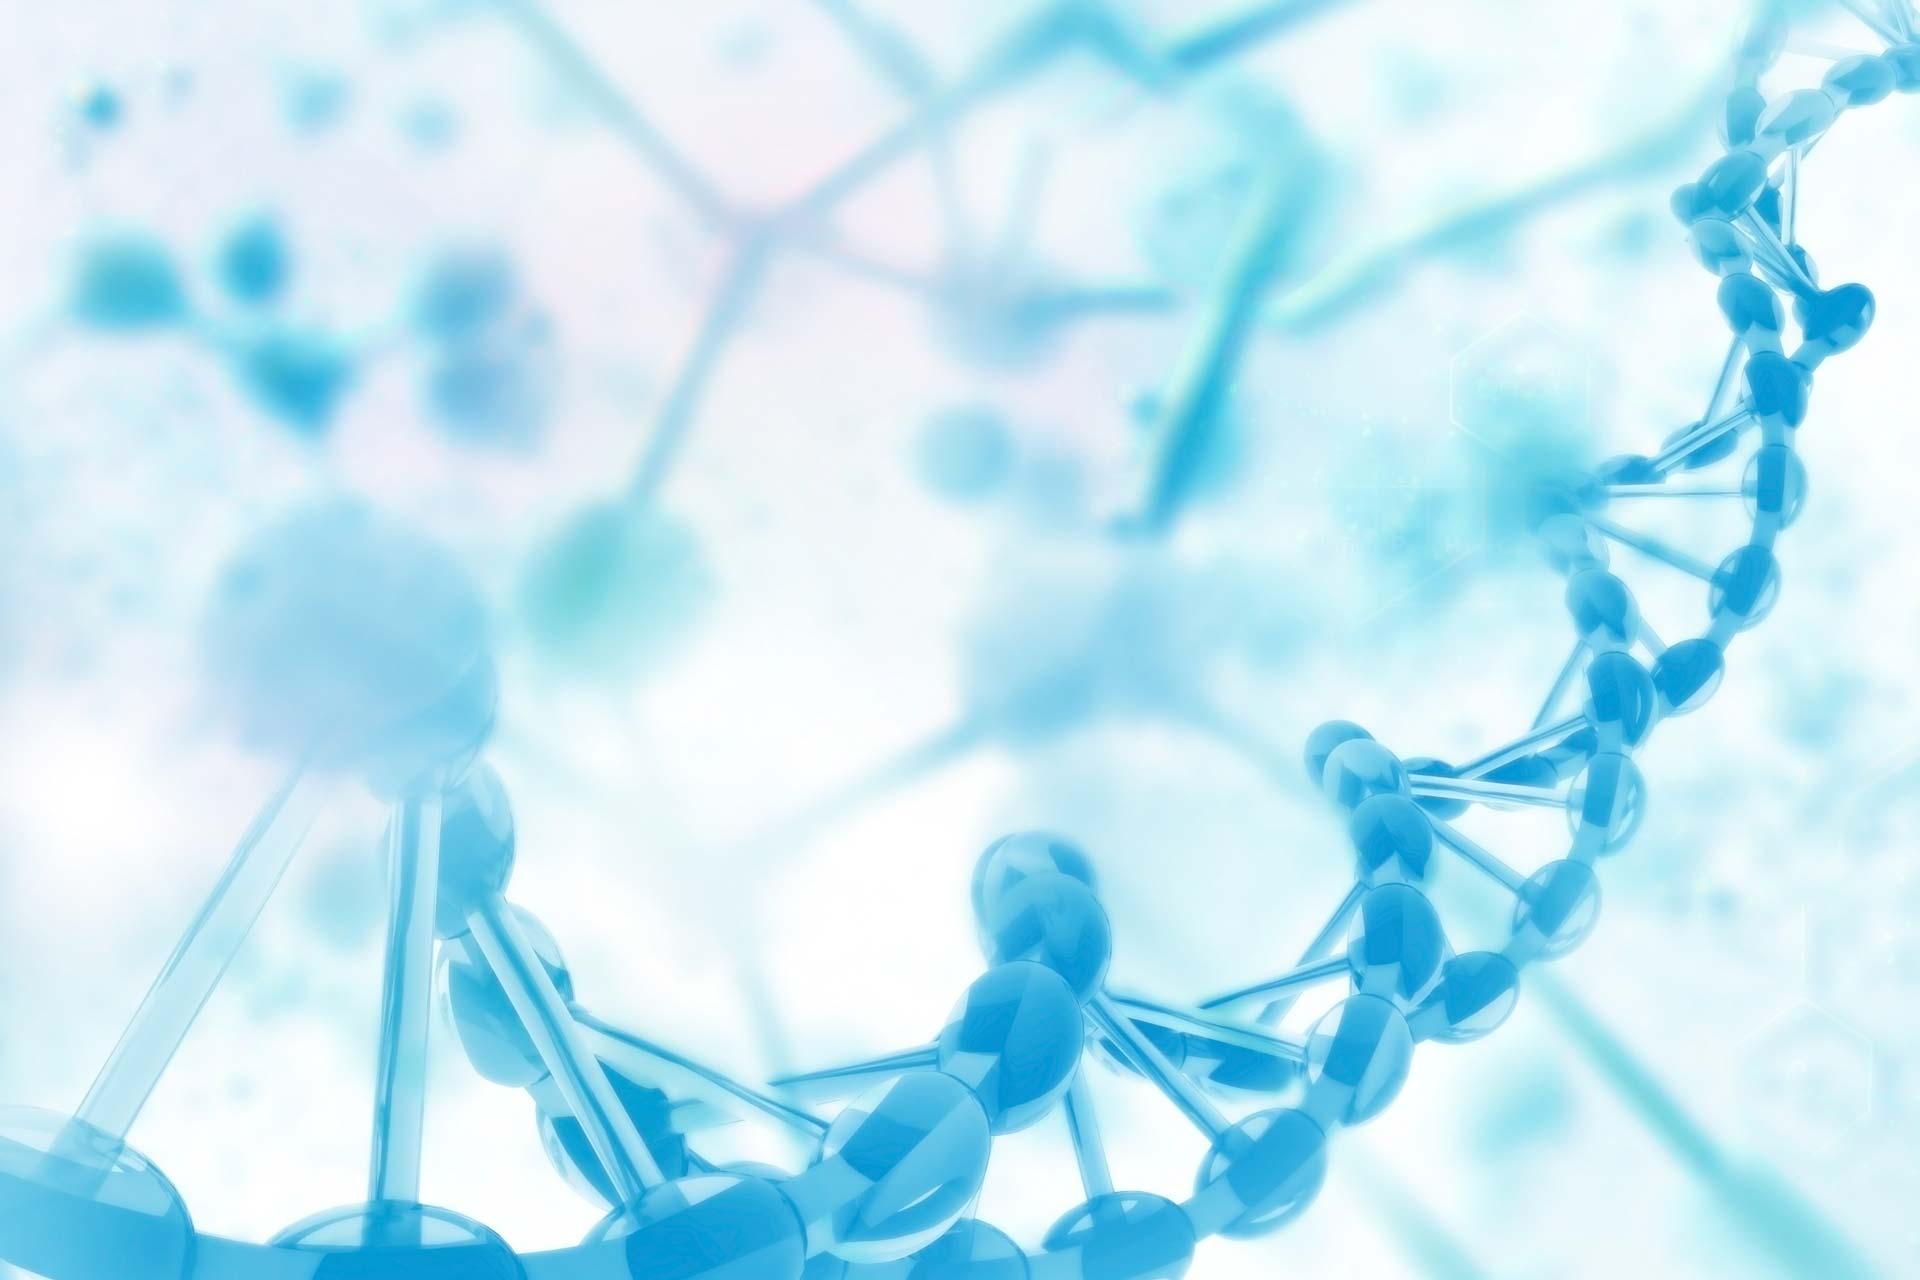 Privatarztpraxis Integrative Medizin – Sauerstoff-Ozon-Therapie in Braunschweig.